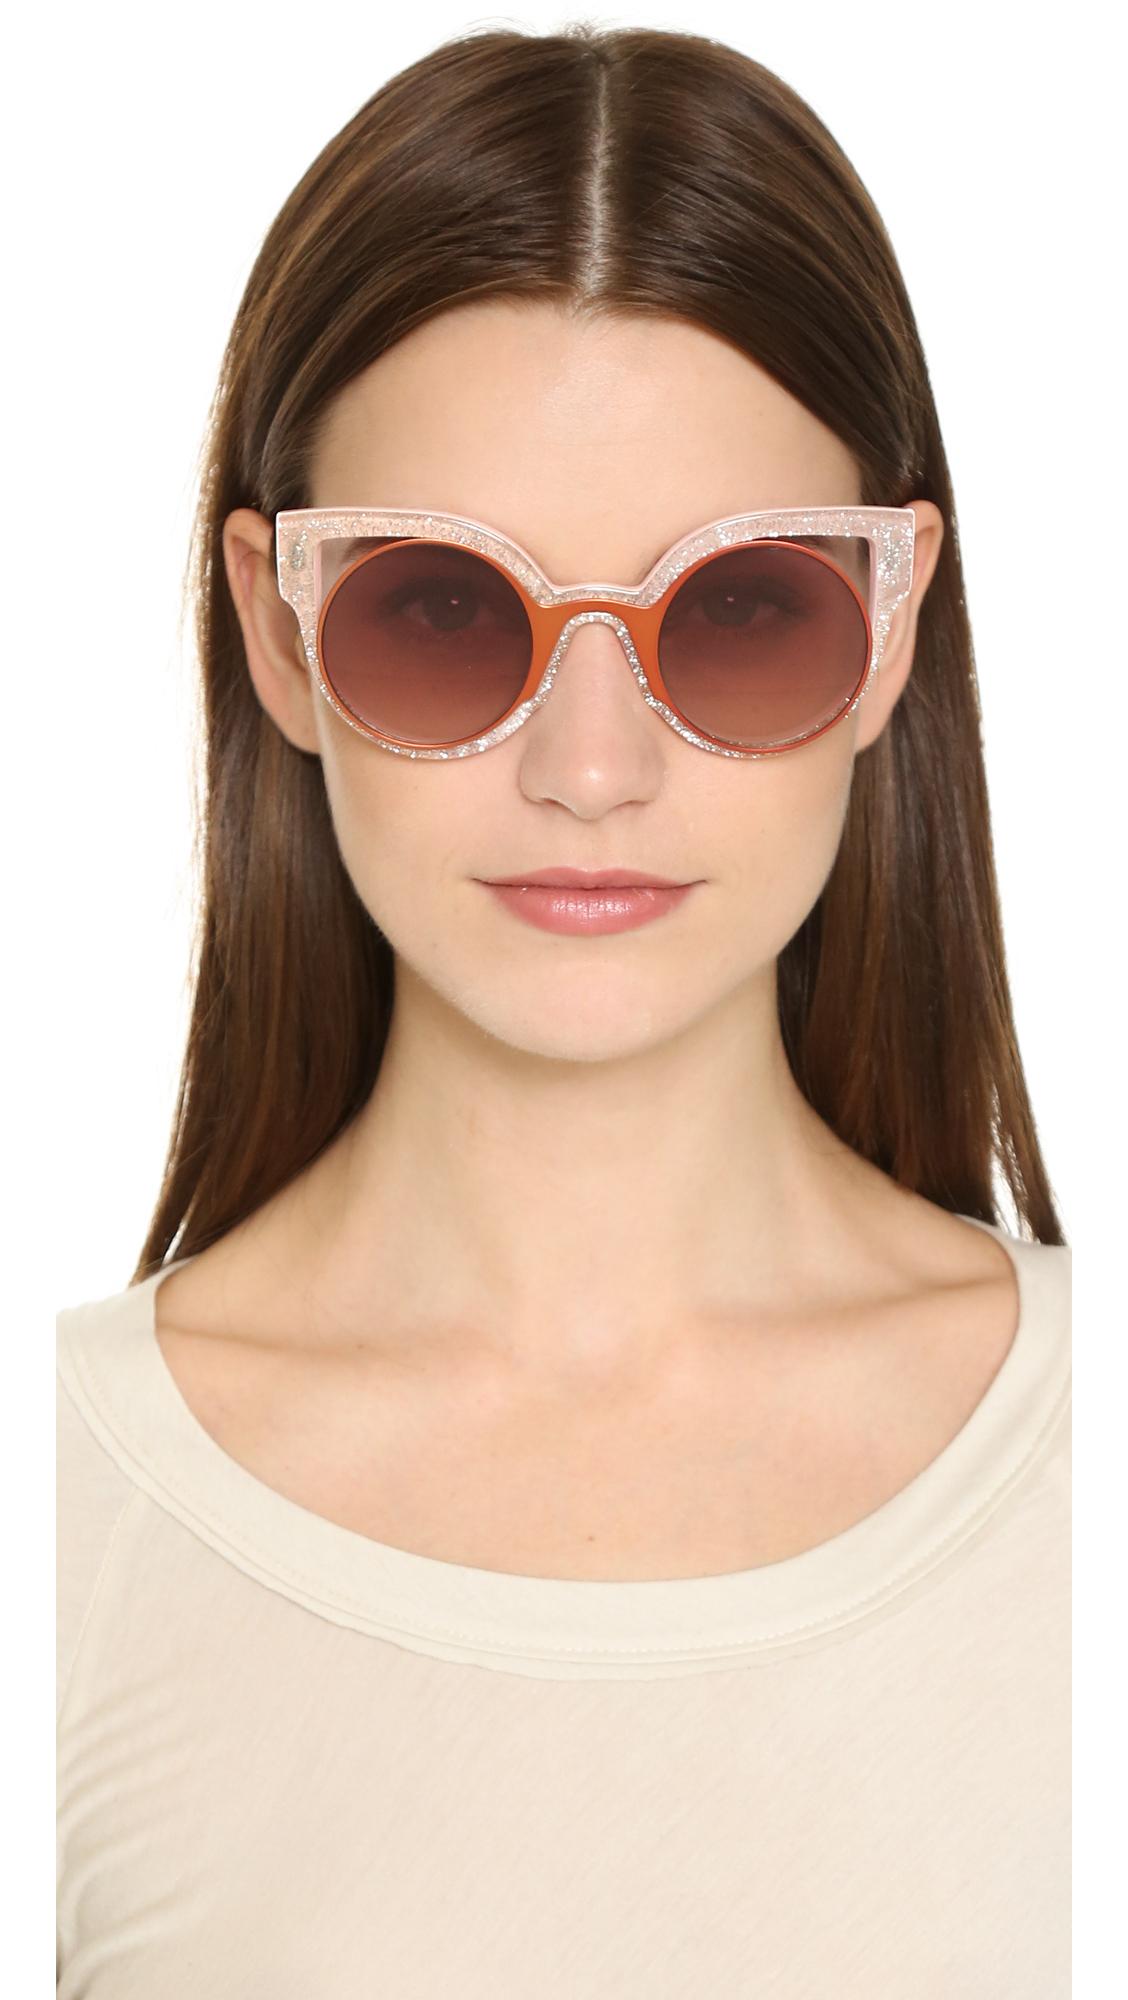 cae7d362b93 Fendi Round Cutout Sunglasses - Glitter White silver in Orange - Lyst